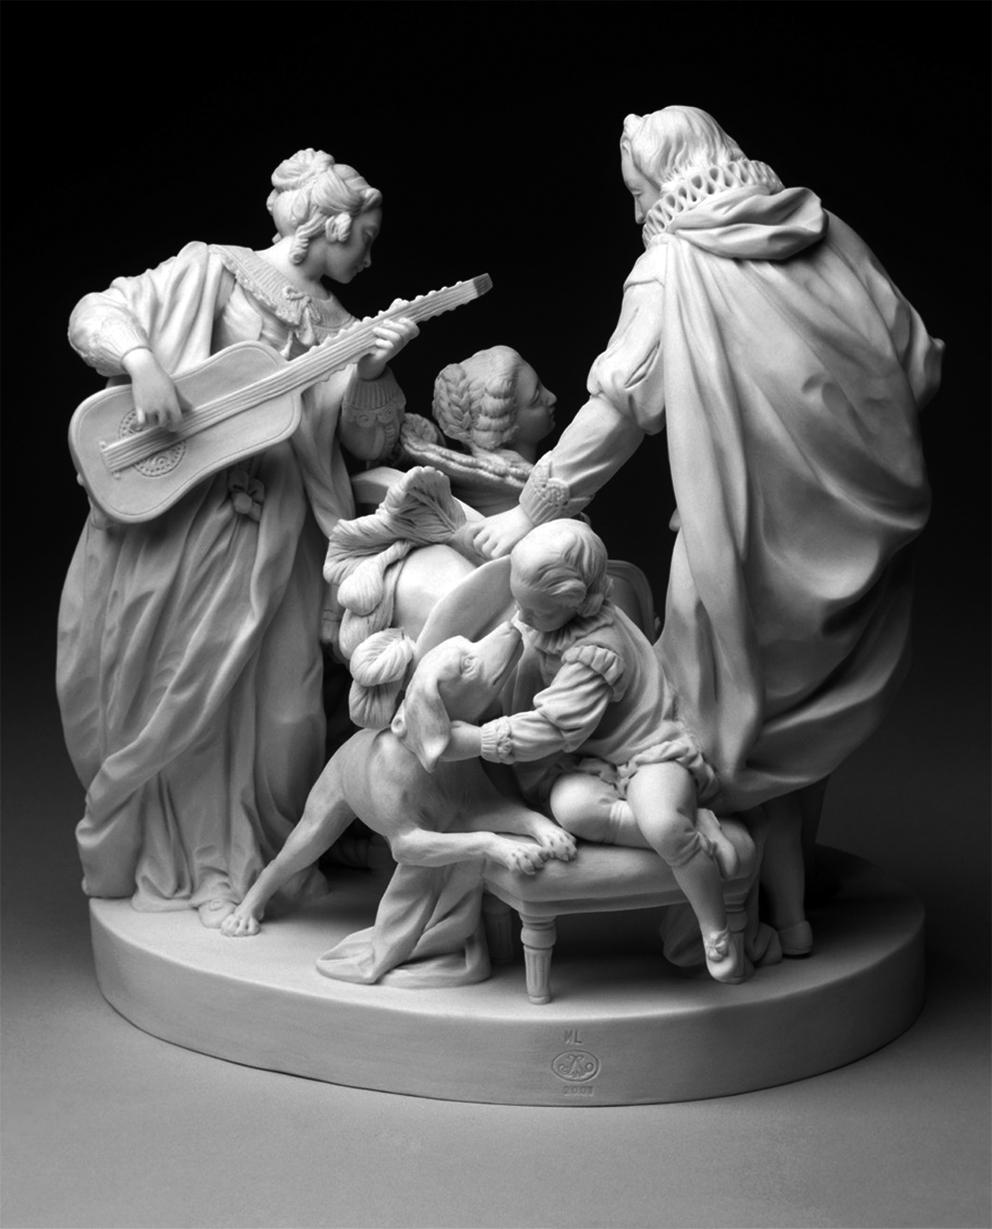 François-Joseph Duret (1729–1816) (Umkreis), La Conversation espagnole, Biskuitporzellan, 1772–1773, 23,7 cm x 24 cm x 20cm, MNC 2012.2.1, (Sèvres - Cité de la céramique/Gérard Jonca).